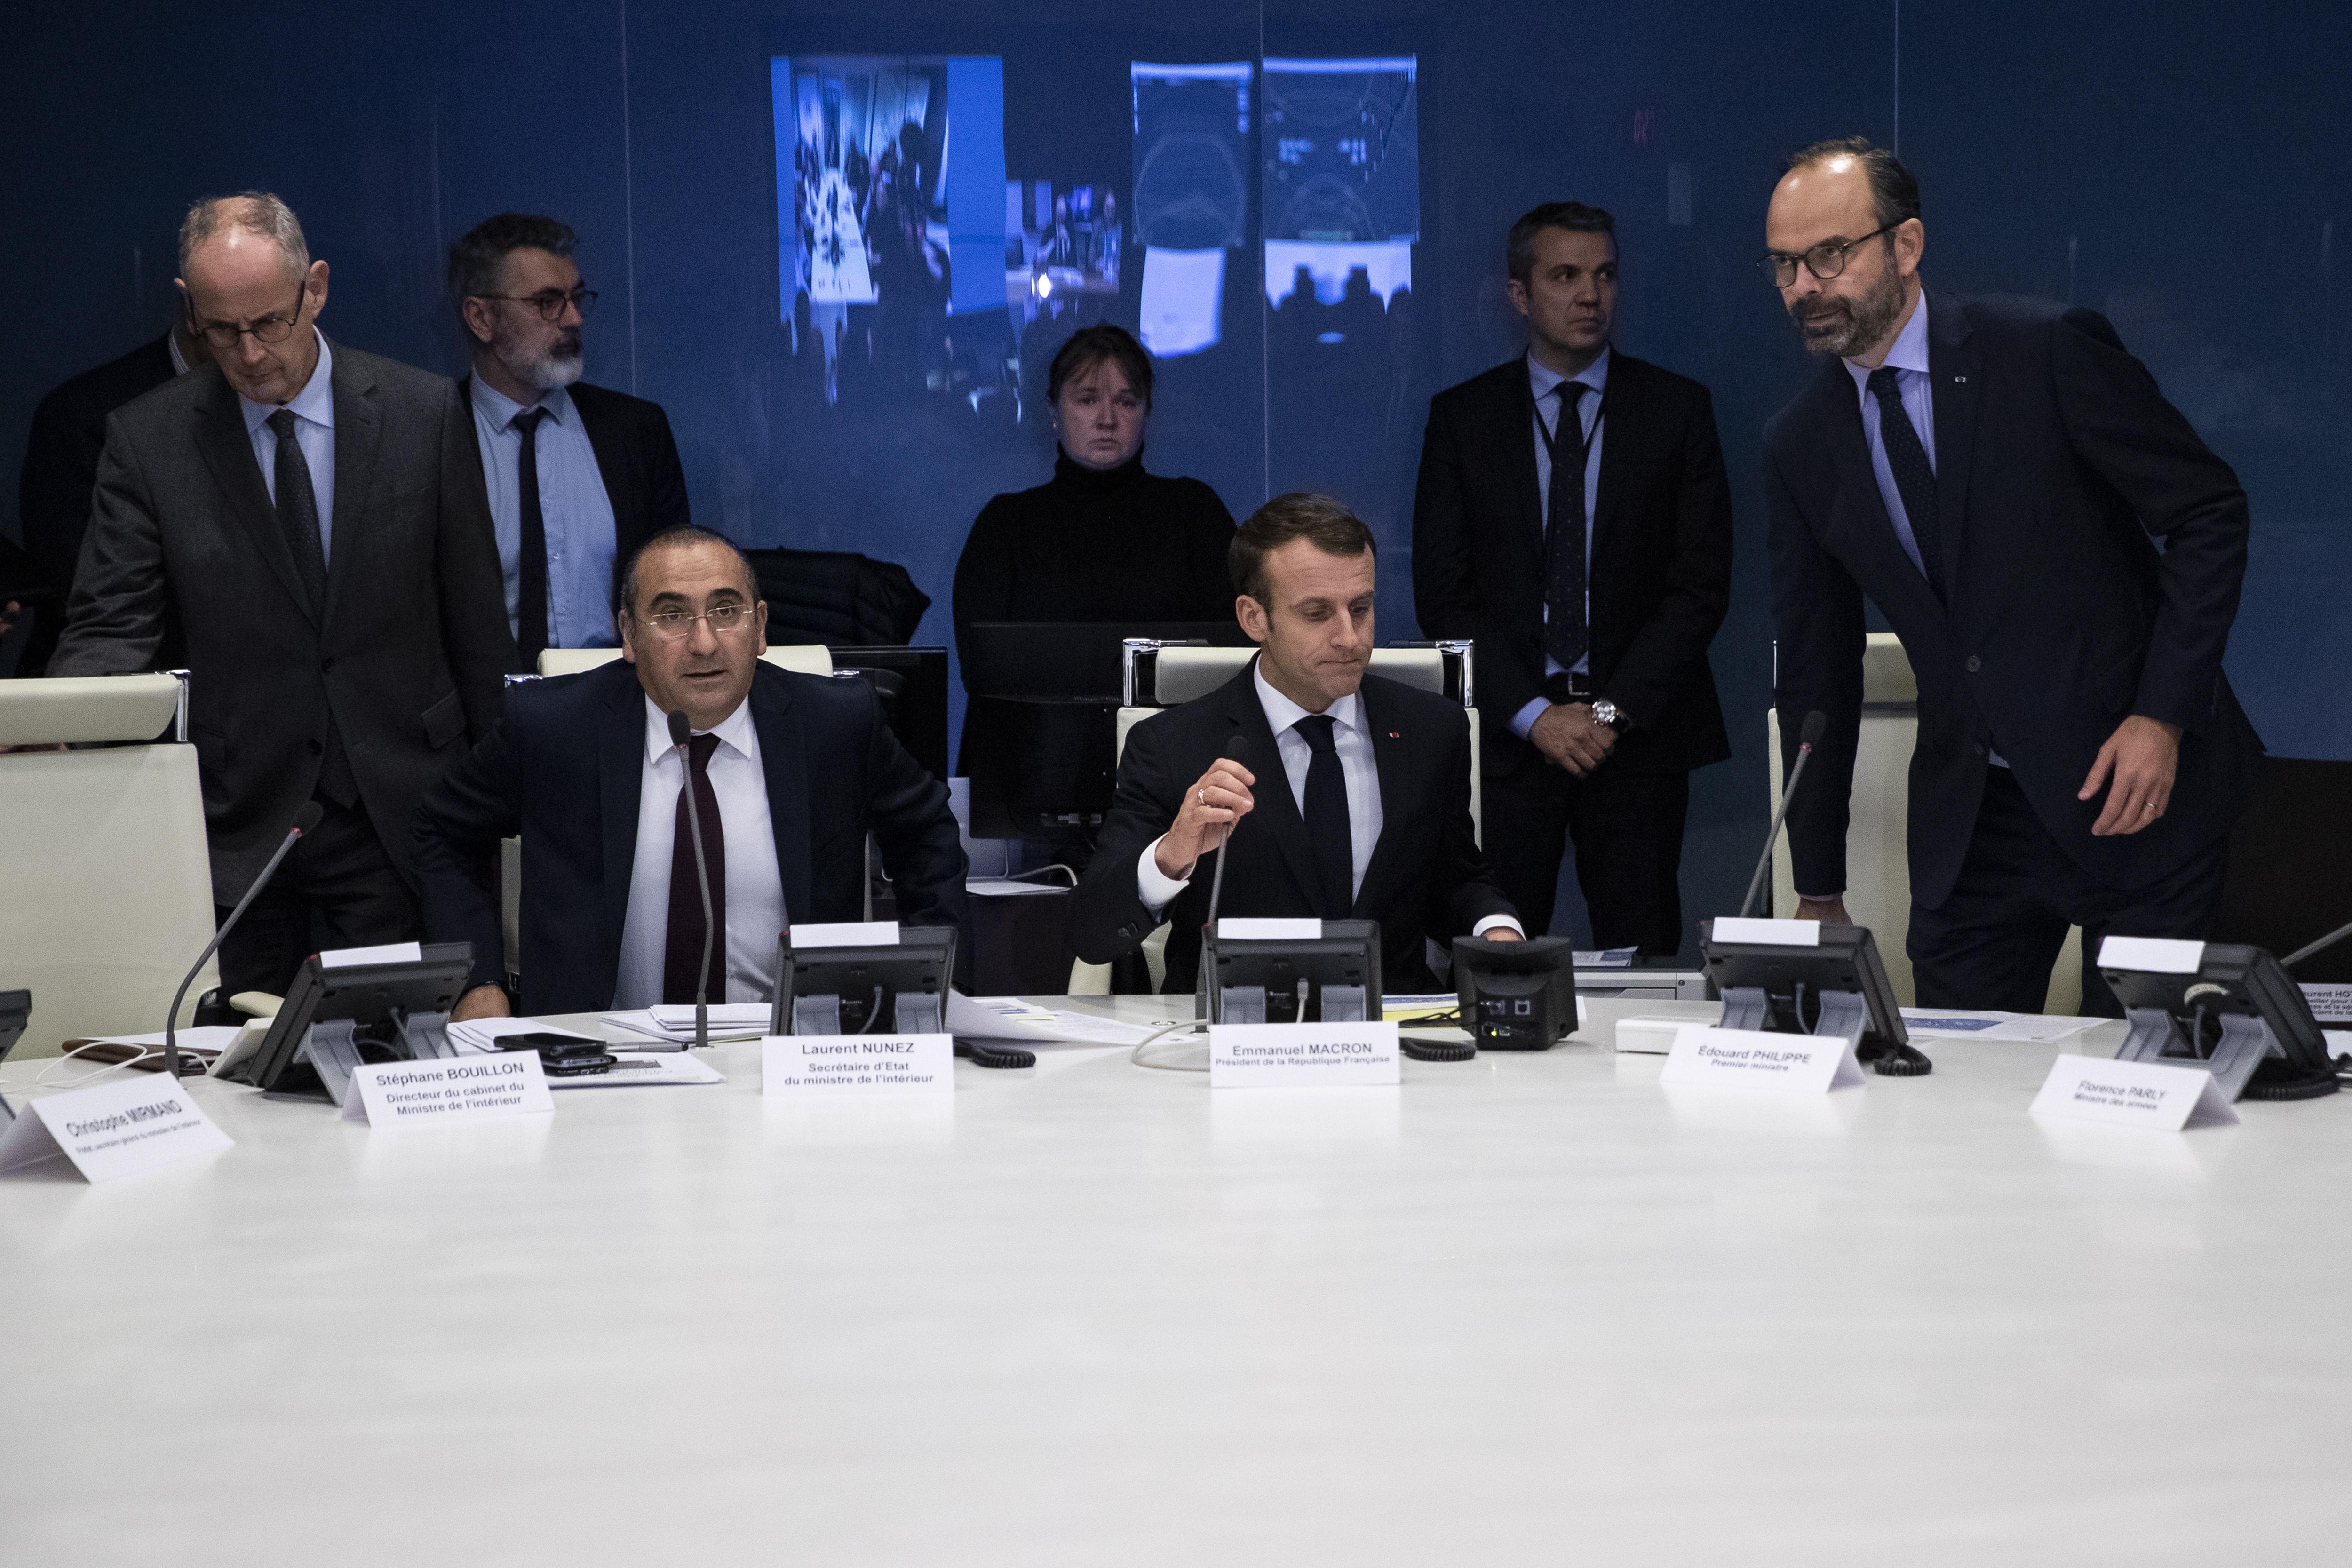 Nakon napada u Strasbourgu, Macron pojačava mobilizaciju vojnika